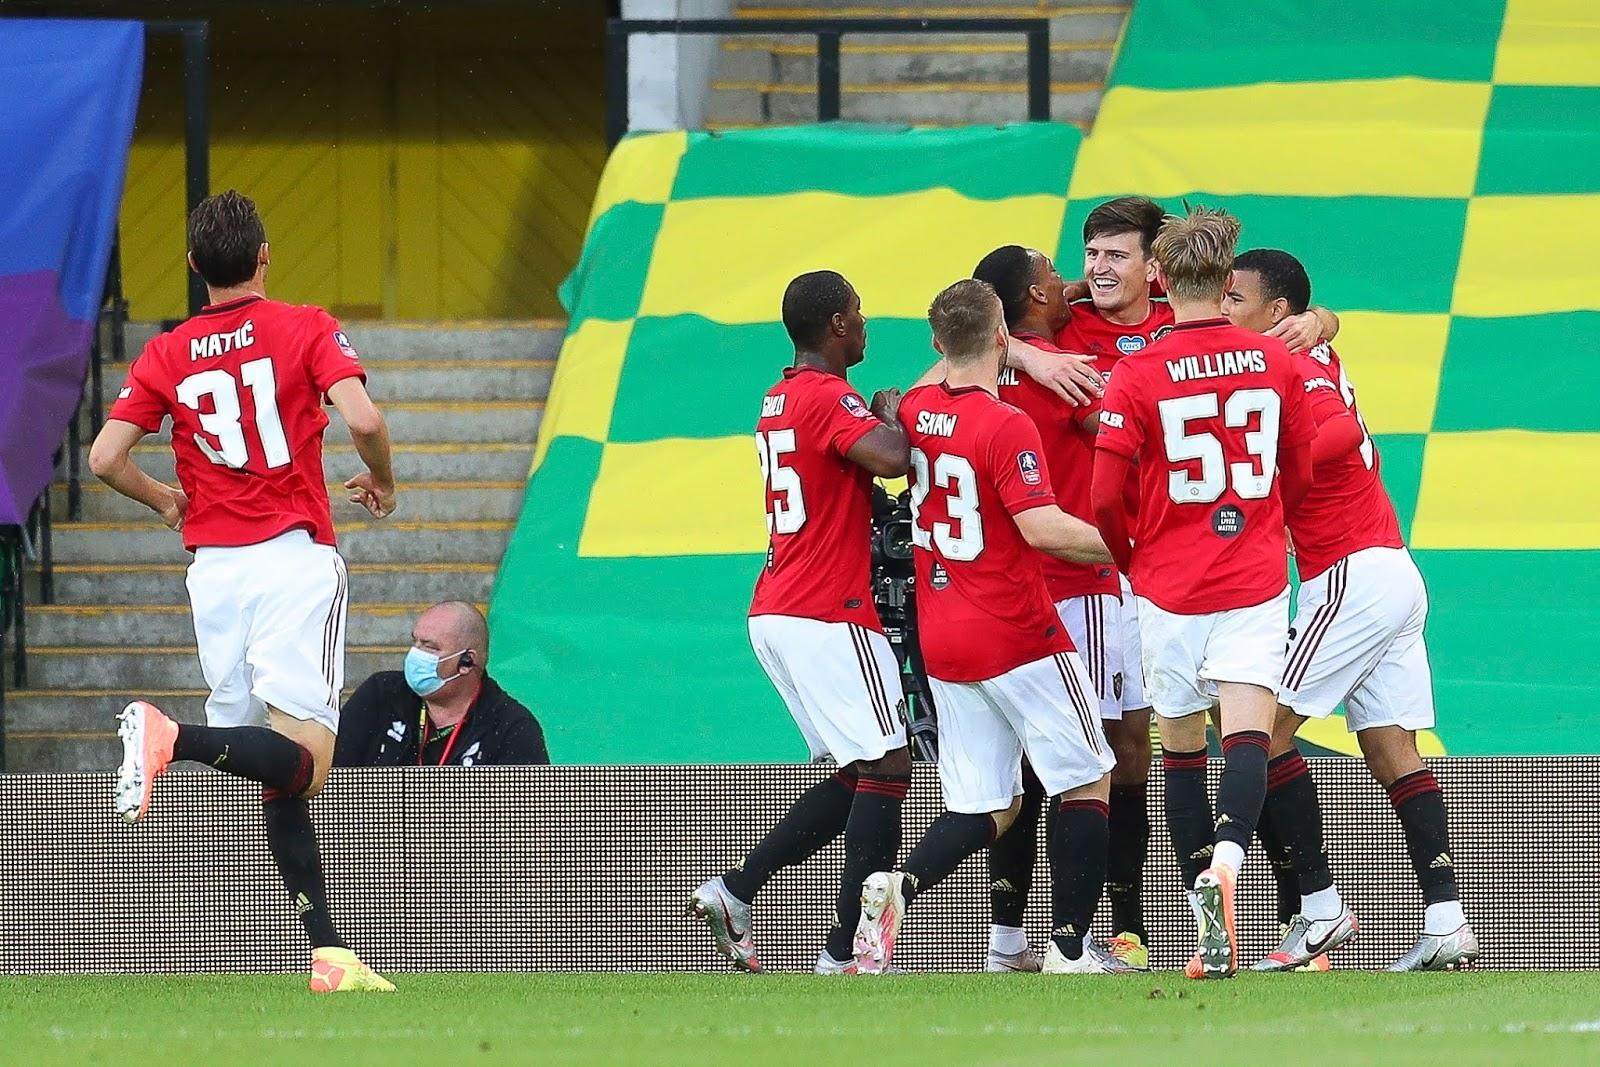 Con Sergio Romero en el arco, Manchester United ganó sobre la hora y está en las semifinales de la FA Cup